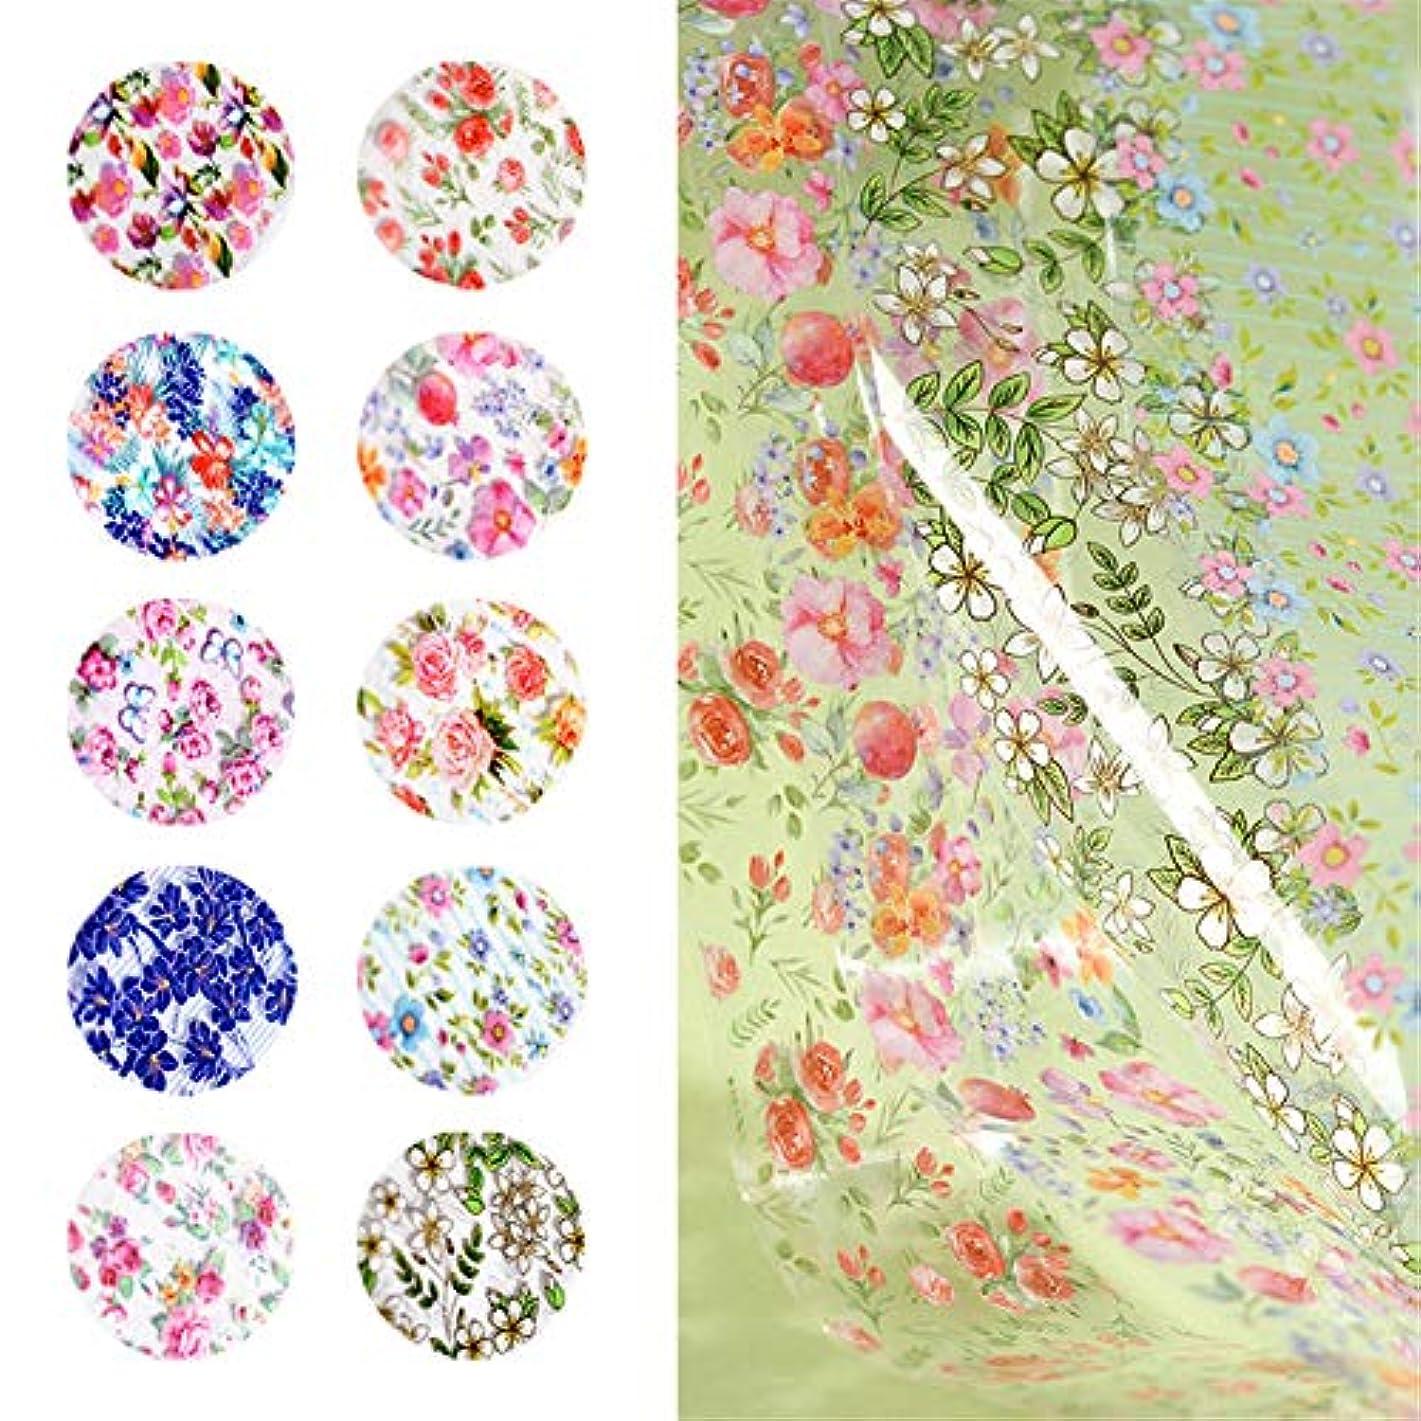 範囲高潔な個人10シール フラワー ネイルホイル レース 桜 春 ネイルデコ ステッカー ネイルアート ホイル (01-10)